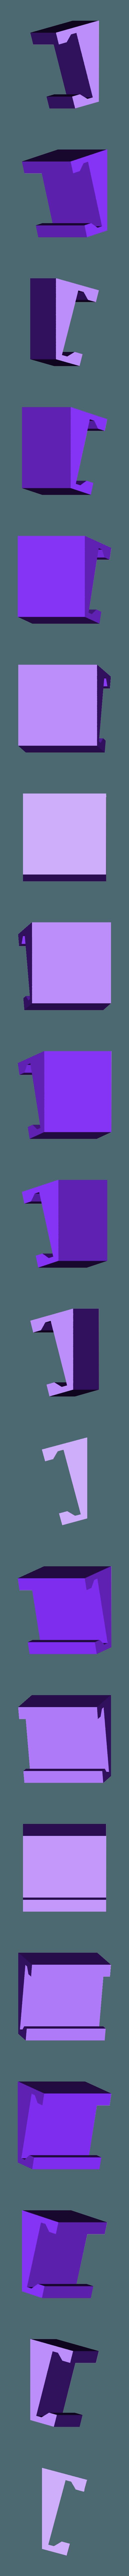 led_mount_15_customizable_height.stl Télécharger fichier STL gratuit Bande de leds inclinée à 15°- Redimensionnée • Objet pour imprimante 3D, Gophy